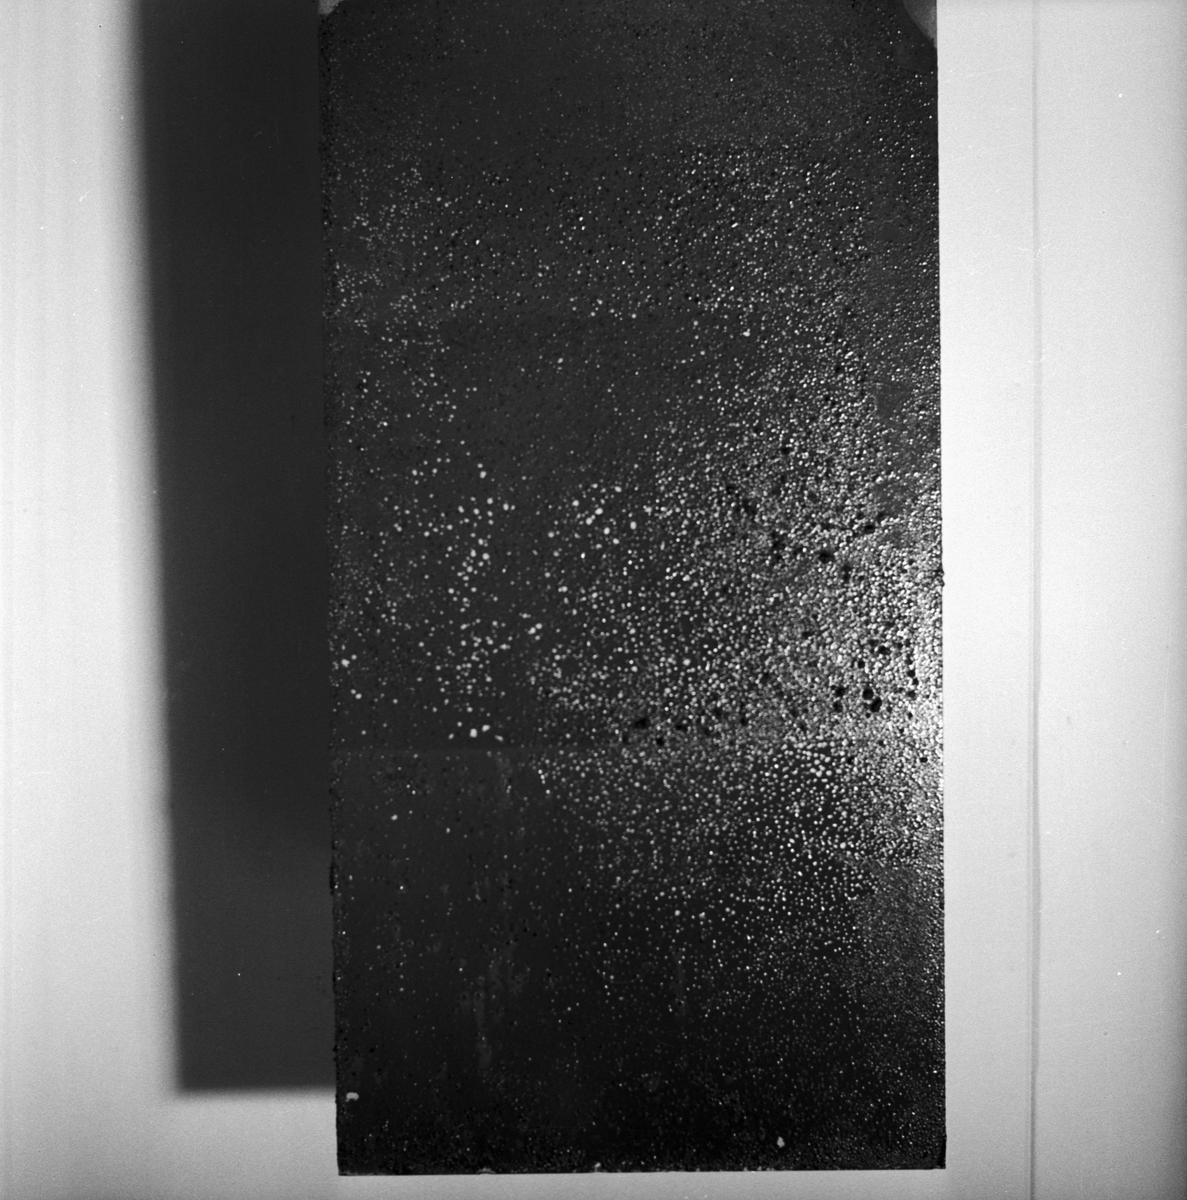 Övrigt: Foto datum: 28/11 1957 Byggnader och kranar Lab färgplåtar. Närmast identisk bild: V14288, ej skannad